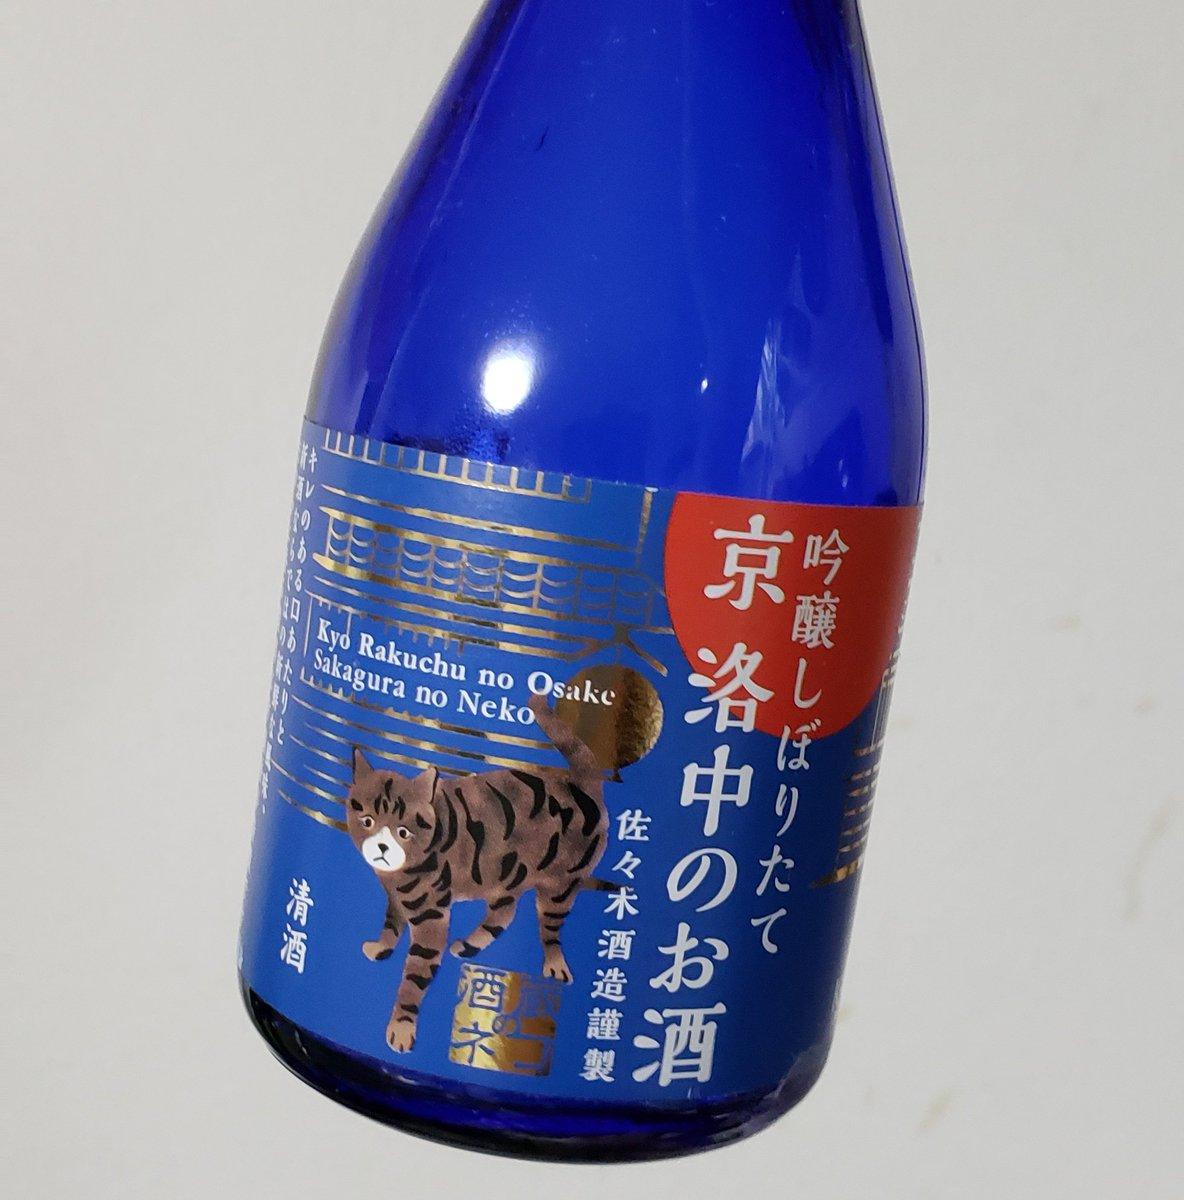 test ツイッターメディア - 佐々木酒造さんはネコ推しなので、今後も贔屓していきたい所存です。 https://t.co/KuP9gdnlHh